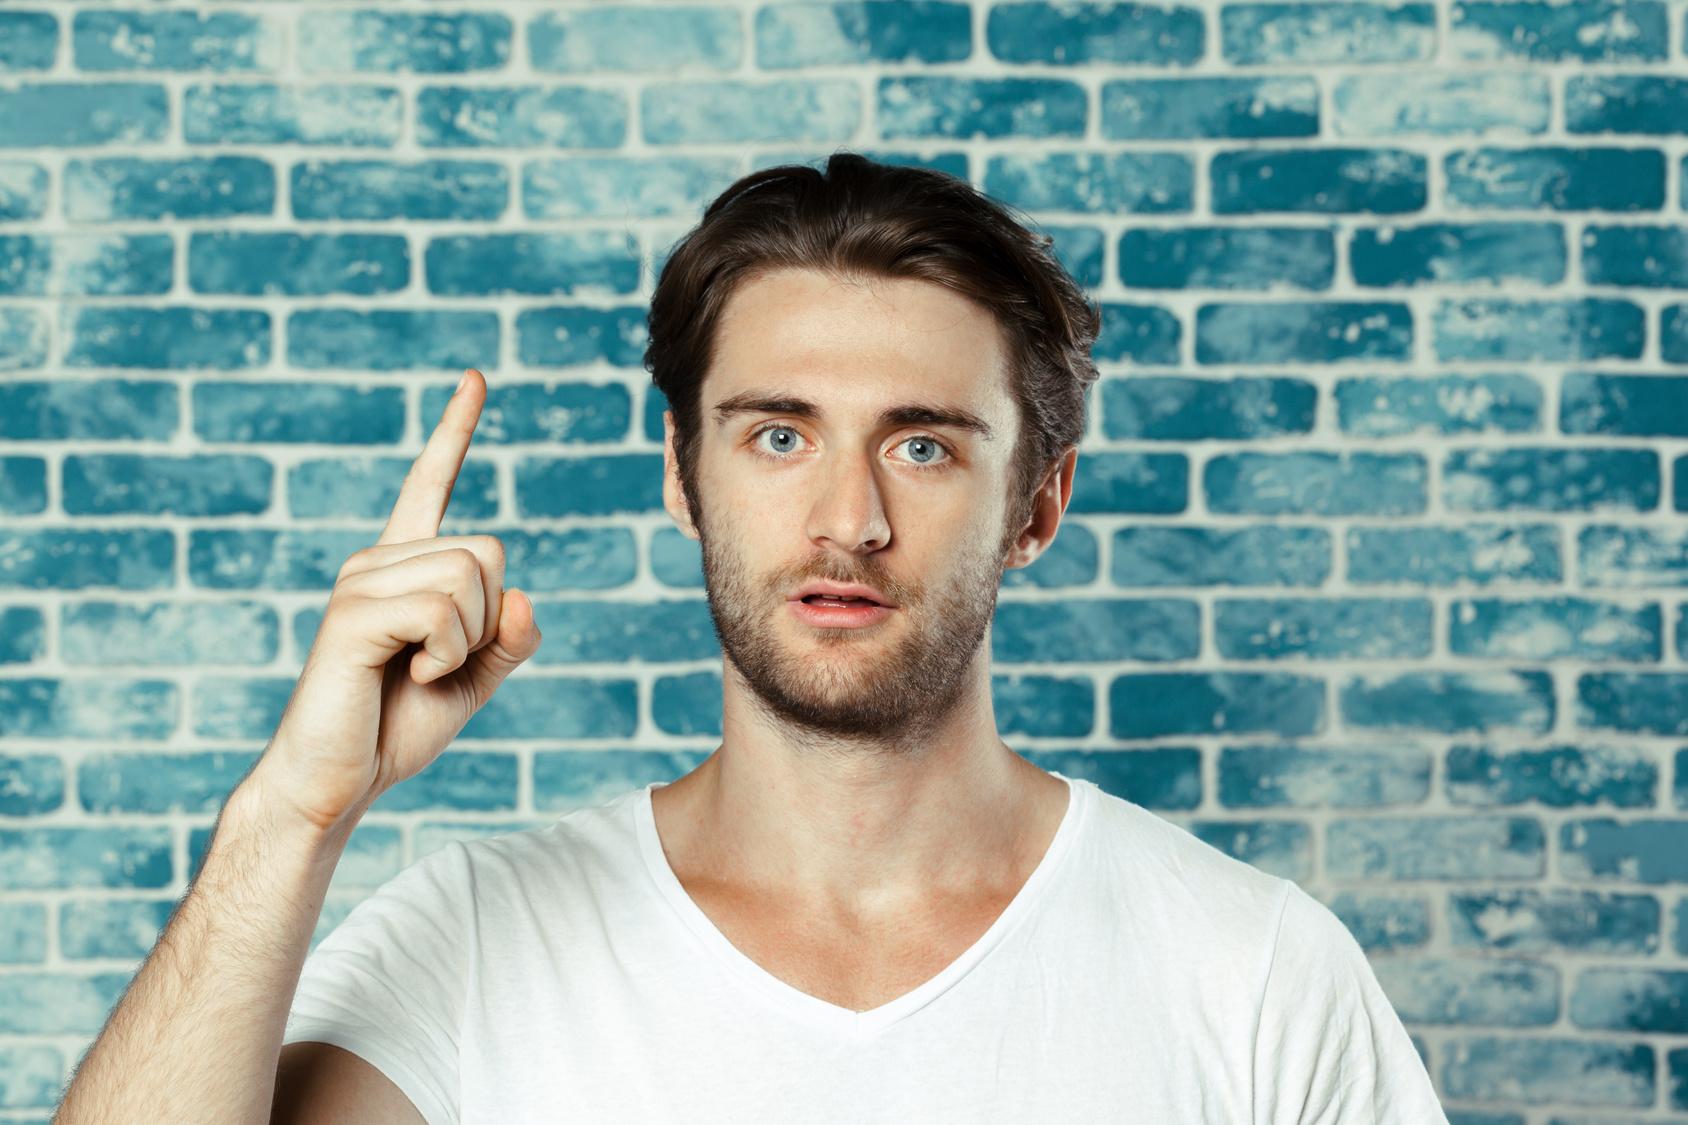 Gdzie można znaleźć porównanie najlepszych ofert pożyczek?